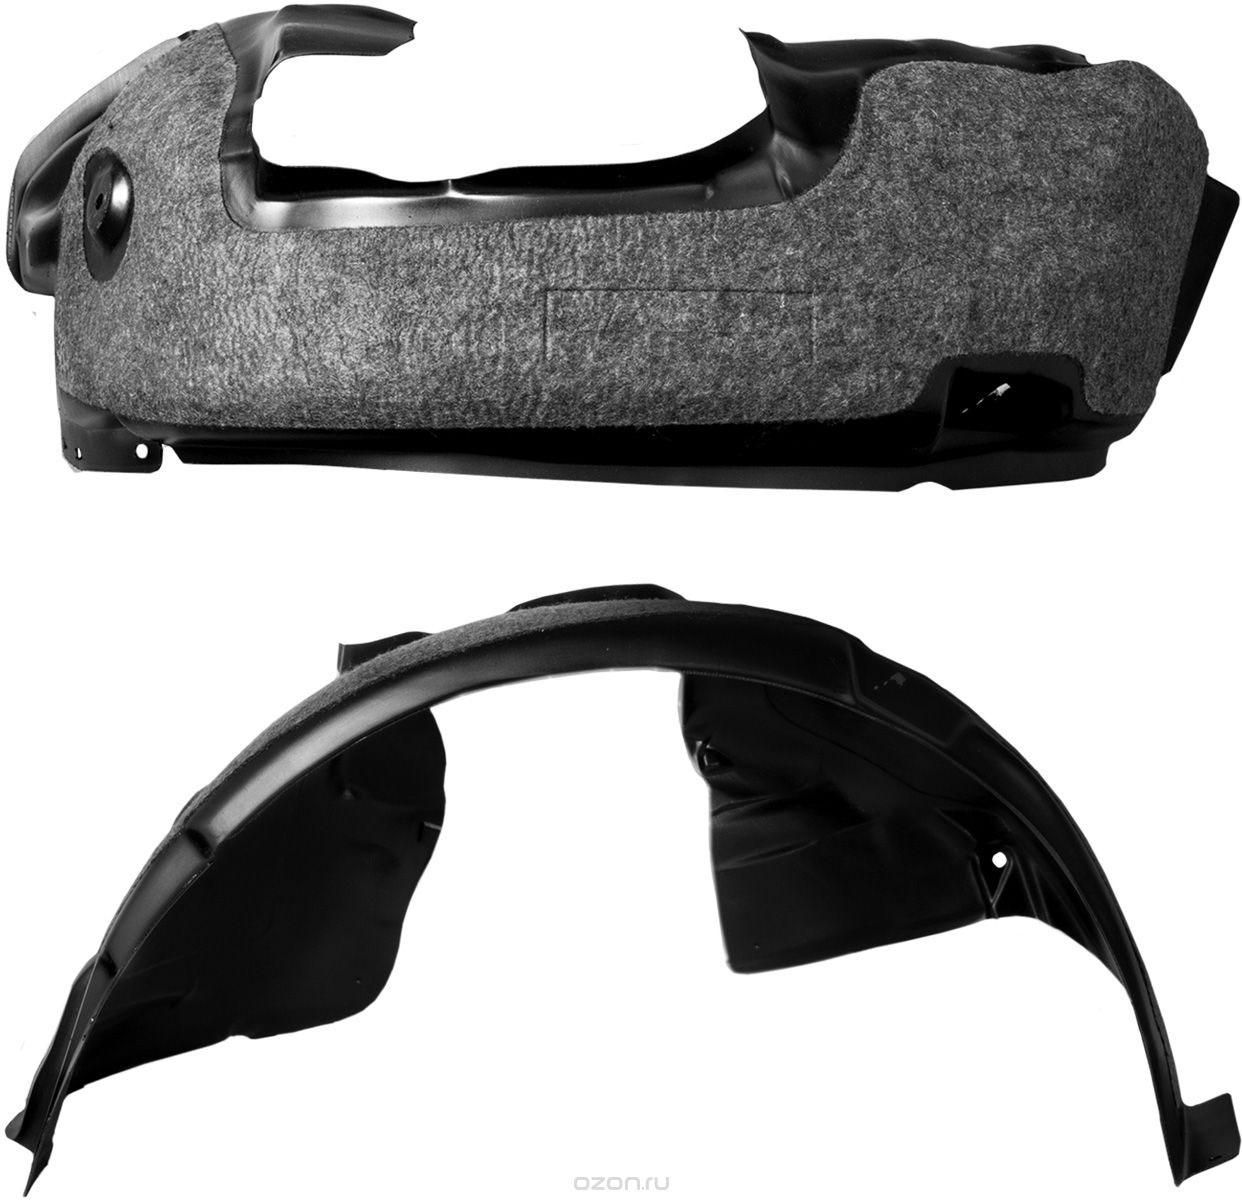 Подкрылок Novline-Autofamily, с шумоизоляцией, для RAVON Nexia R3, 2016->, задний правыйNLS.102.02.004Идеальная защита колесной ниши. Локеры разработаны с применением цифровых технологий, гарантируют максимальную повторяемость поверхности арки. Изделия устанавливаются без нарушения лакокрасочного покрытия автомобиля, каждый подкрылок комплектуется крепежом. Уважаемые клиенты, обращаем ваше внимание, что фотографии на подкрылки универсальные и не отражают реальную форму изделия. При этом само изделие идет точно под размер указанного автомобиля.